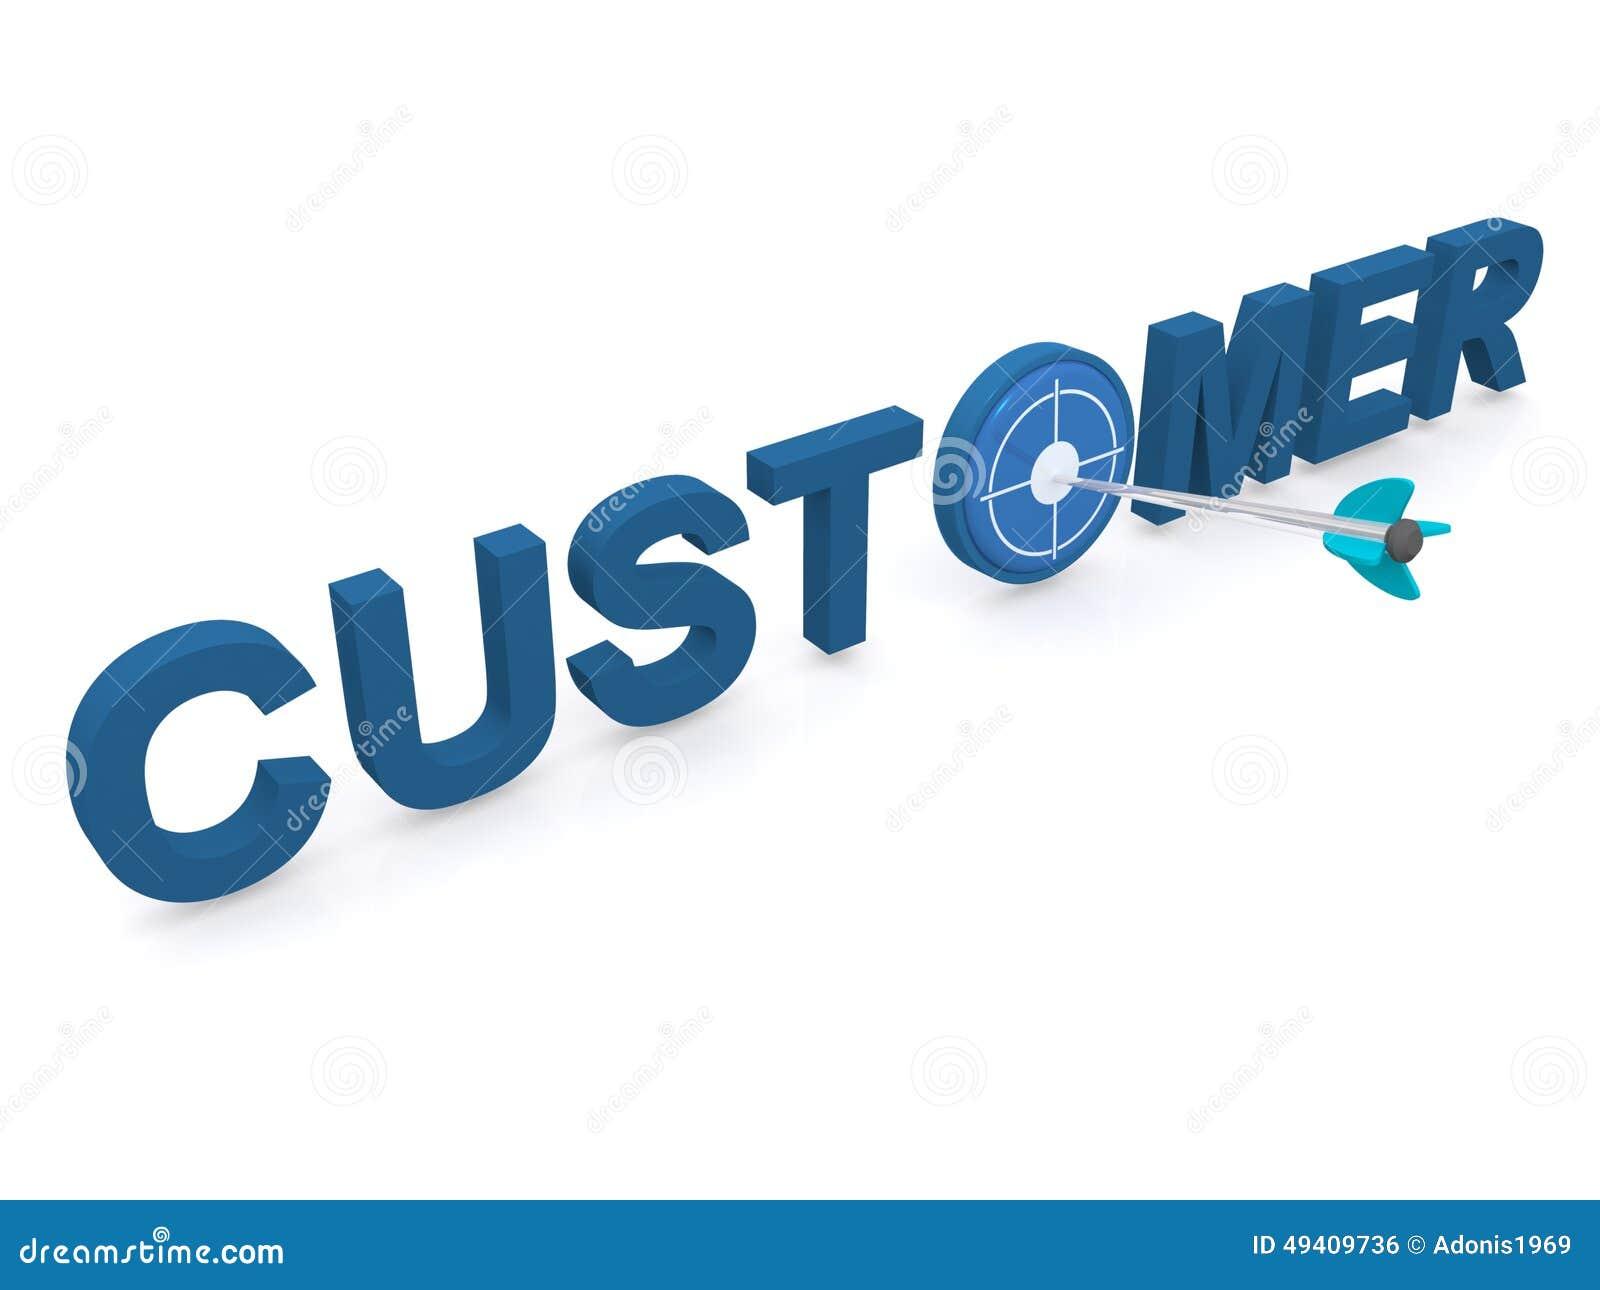 Download Kundenillustration stock abbildung. Illustration von volkswirtschaft - 49409736